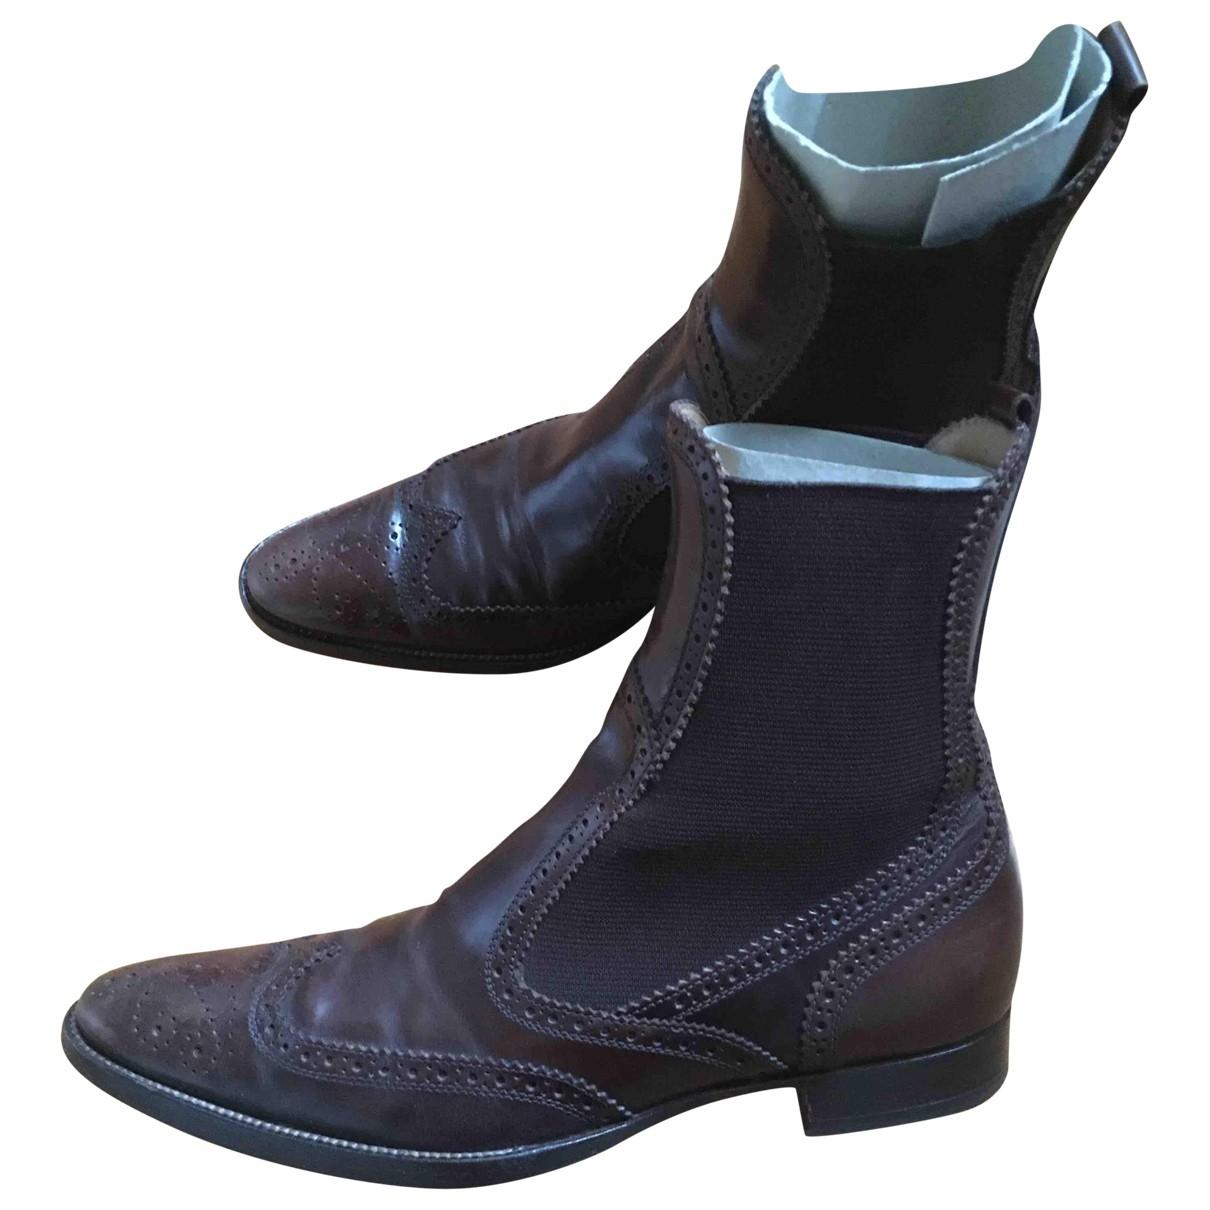 Dolce & Gabbana - Boots   pour femme en cuir - marron